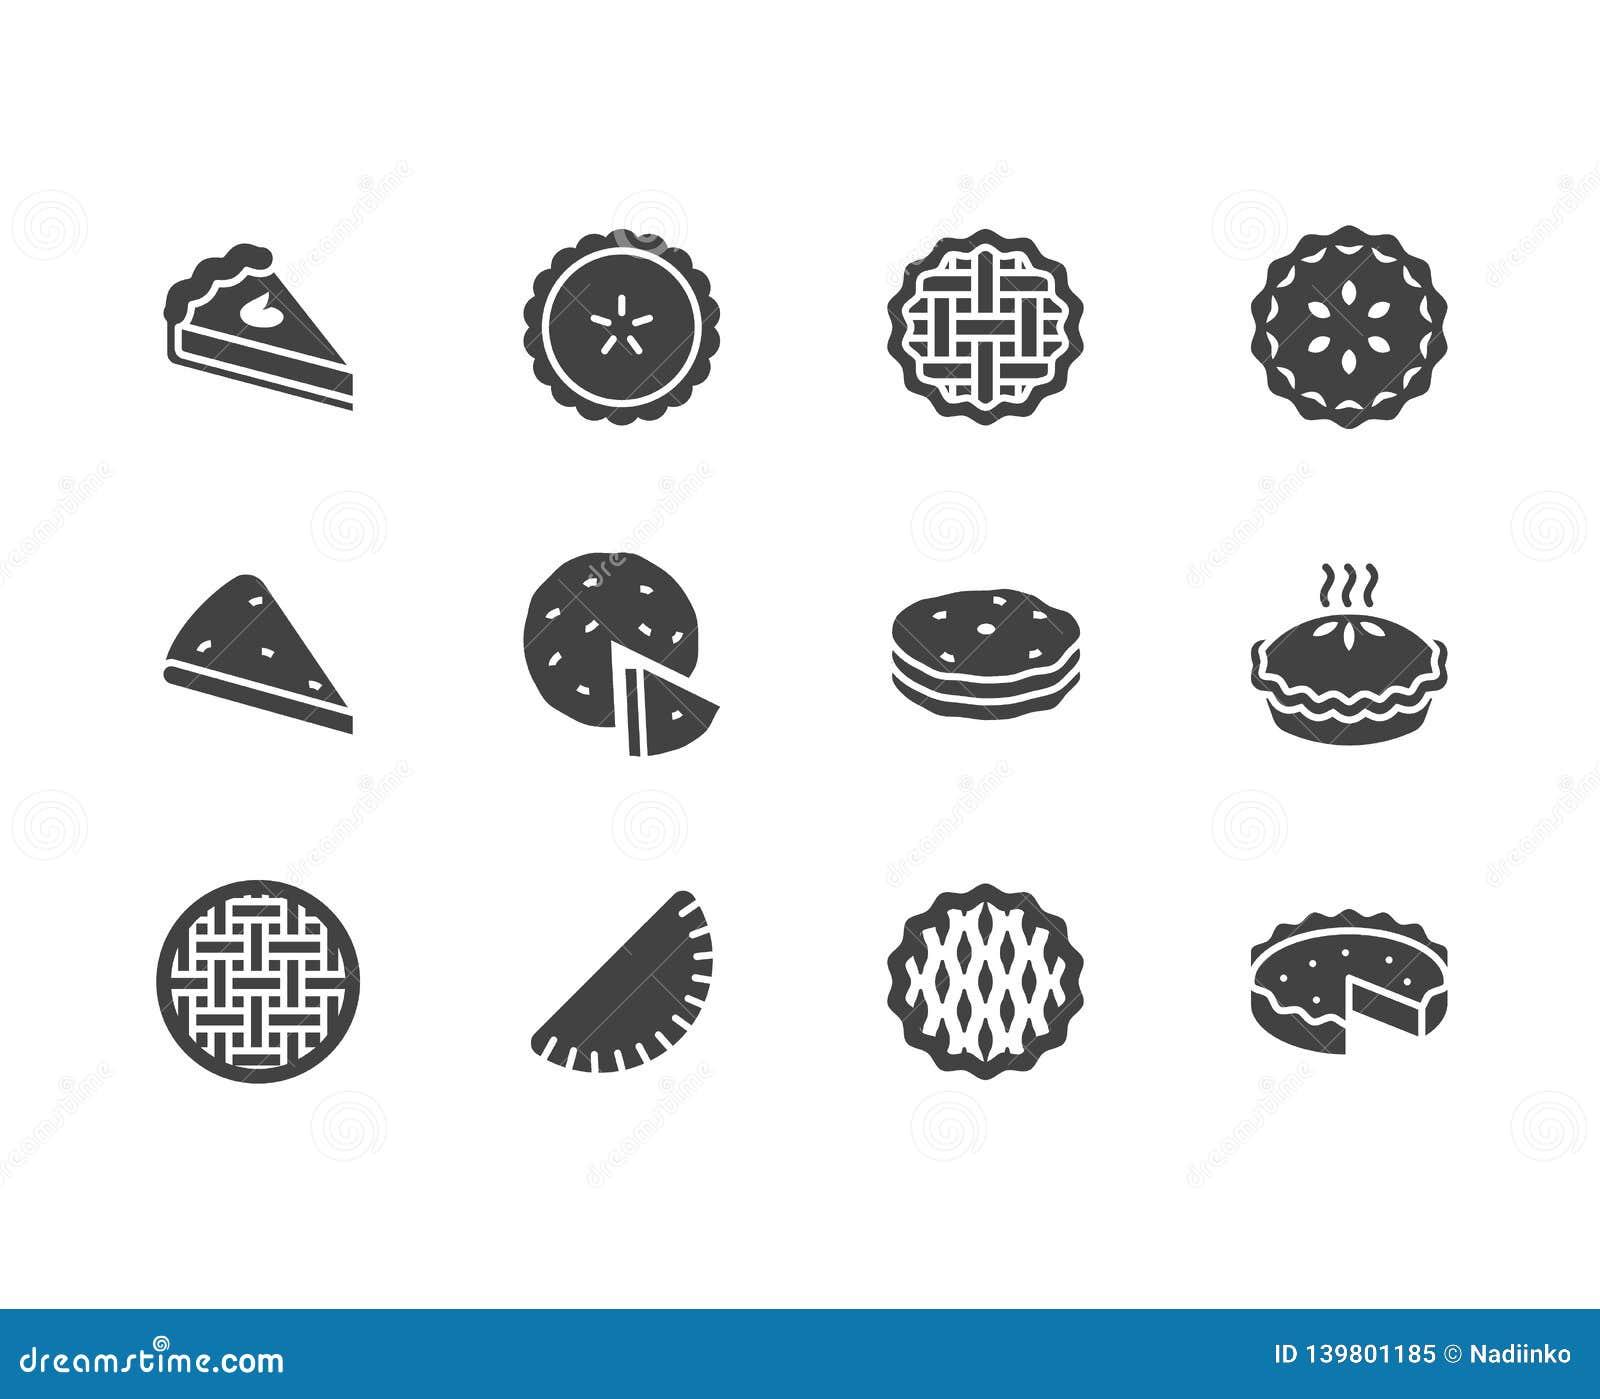 Geplaatste pictogrammen van pastei de vlakke glyph Ossetian, kers, appel, pompoenpastei, braadpan, pitabroodje vectorillustraties